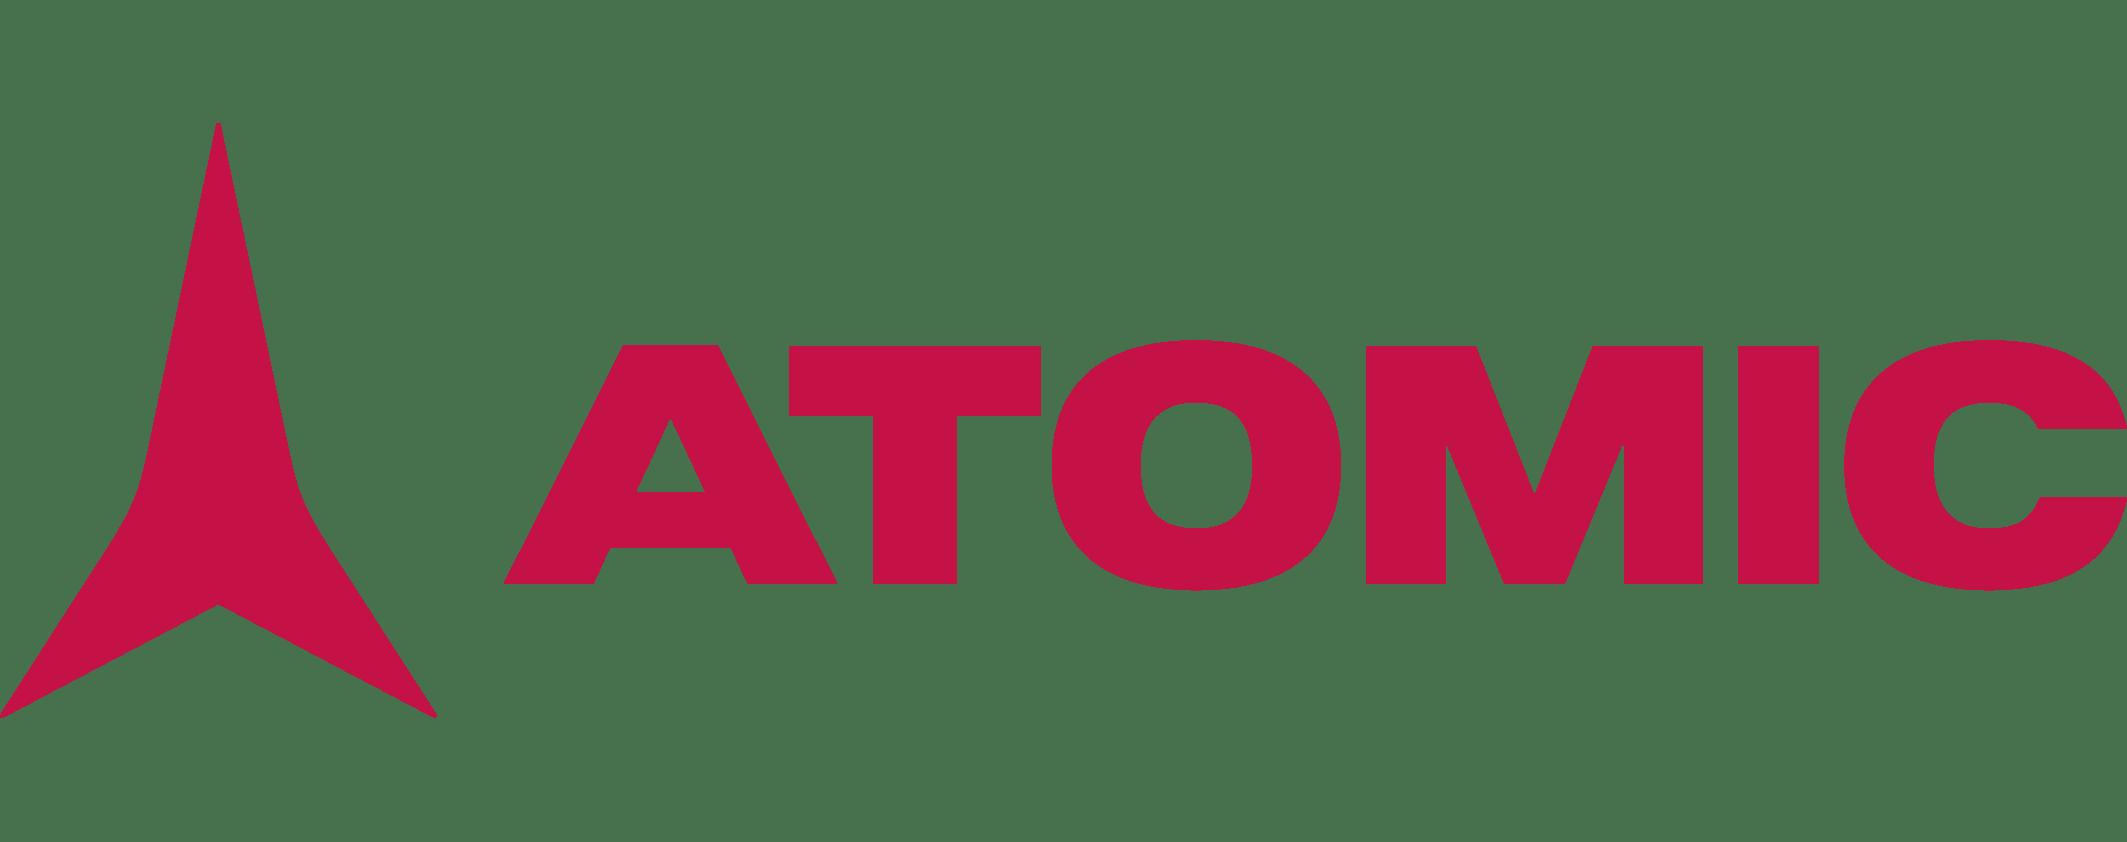 Atomic-logo-new - Ski Pro Guru - Atomic Logo PNG